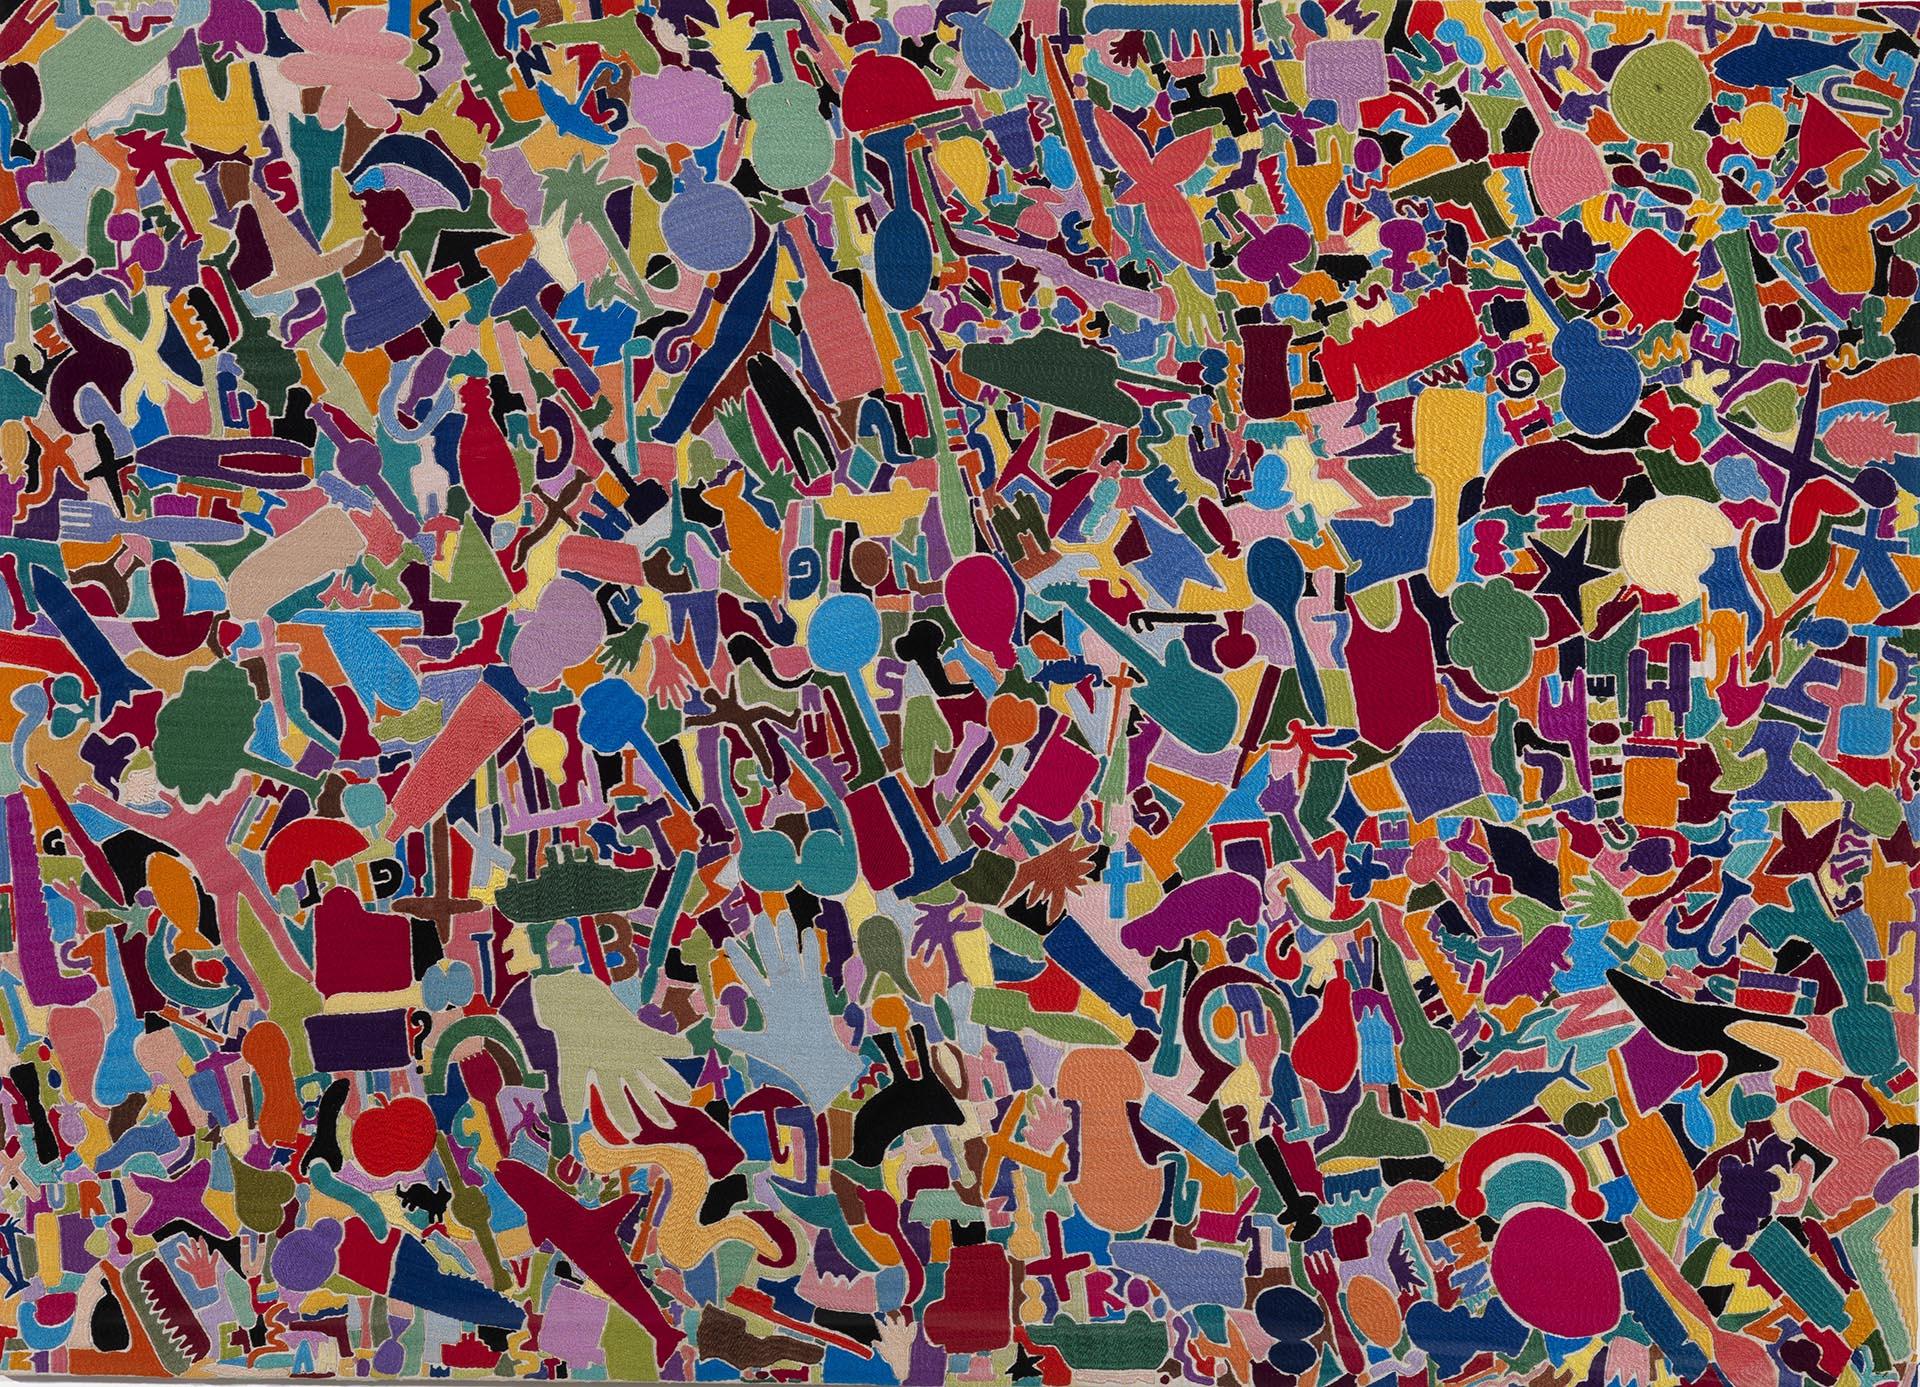 Boetti, Tutto, 1988-89, 97x134.5 cm